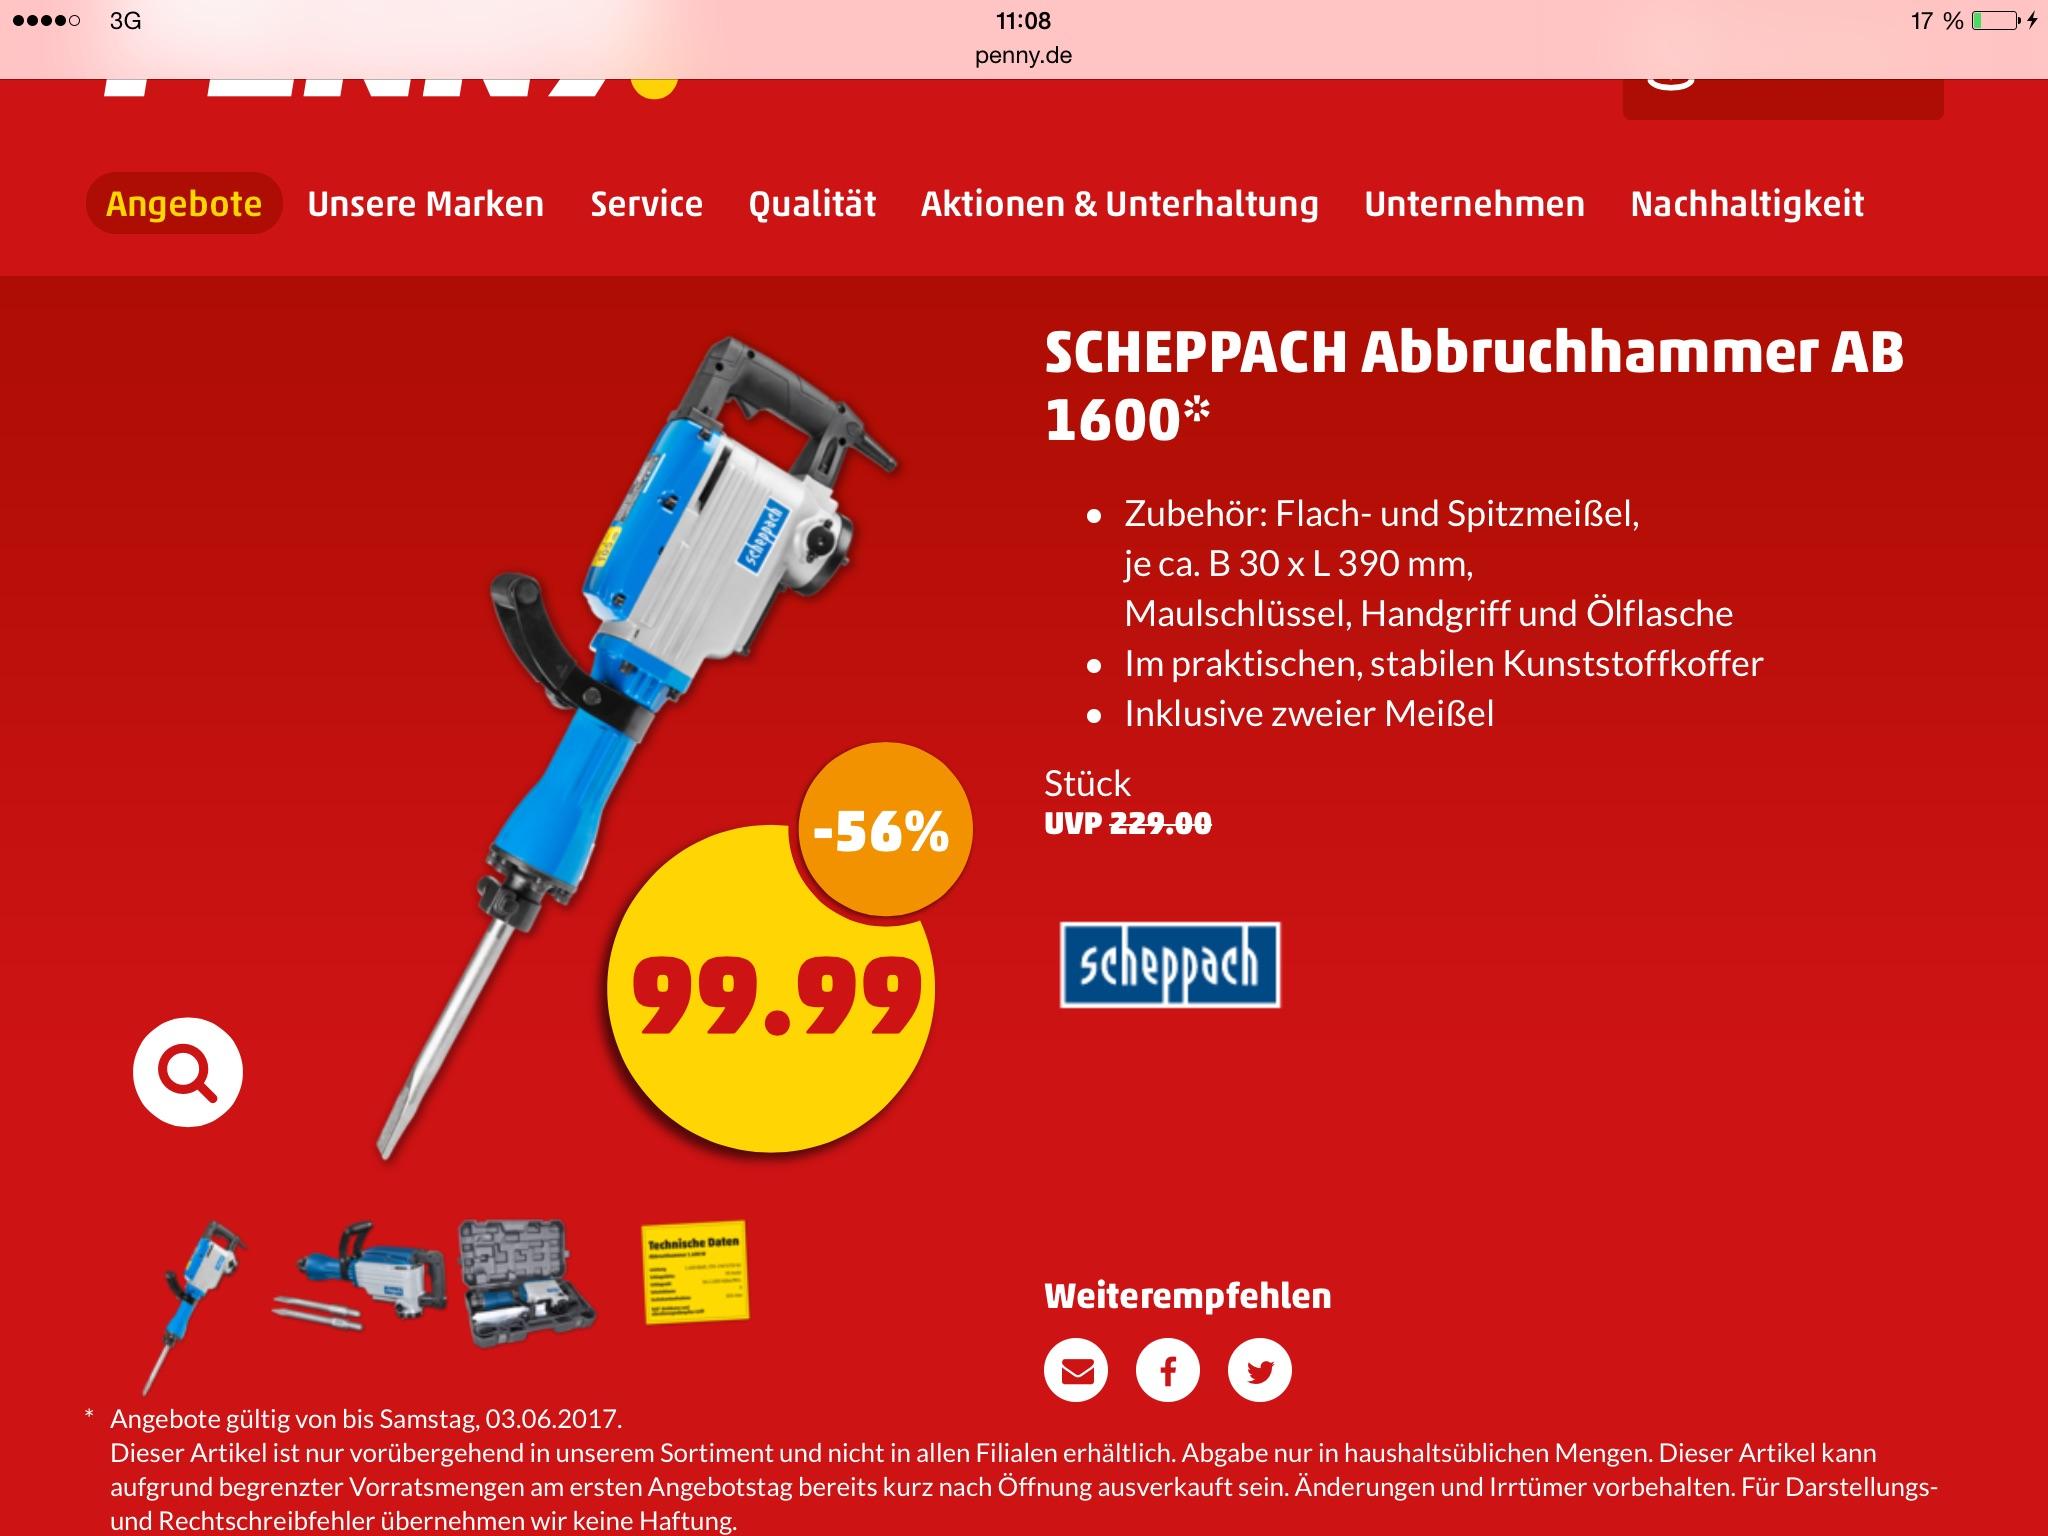 [ Penny ] Scheppach Abbruchhammer AB 1600 im Metallkoffer inkl. 2-tlg Meisel